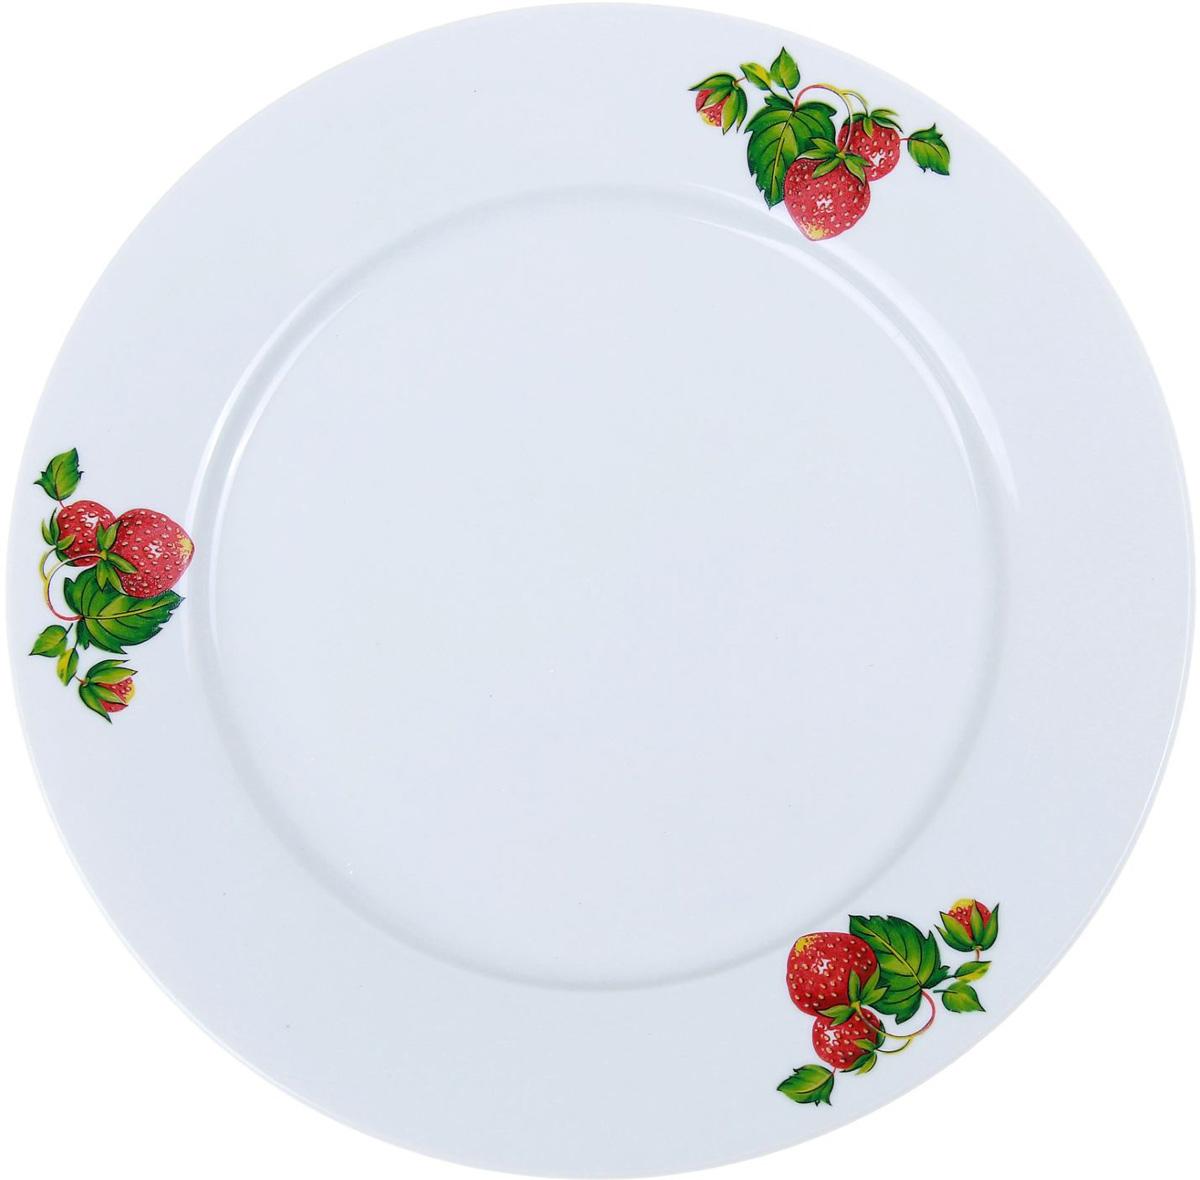 Тарелка мелкая Фарфор Вербилок Цветущая земляника, диаметр 24 см. 10168401016840От качества посуды зависит не только вкус еды, но и здоровье человека. Тарелка - товар, соответствующий российским стандартам качества. Любой хозяйке будет приятно держать его в руках. С такой посудой и кухонной утварью приготовление еды и сервировка стола превратятся в настоящий праздник.